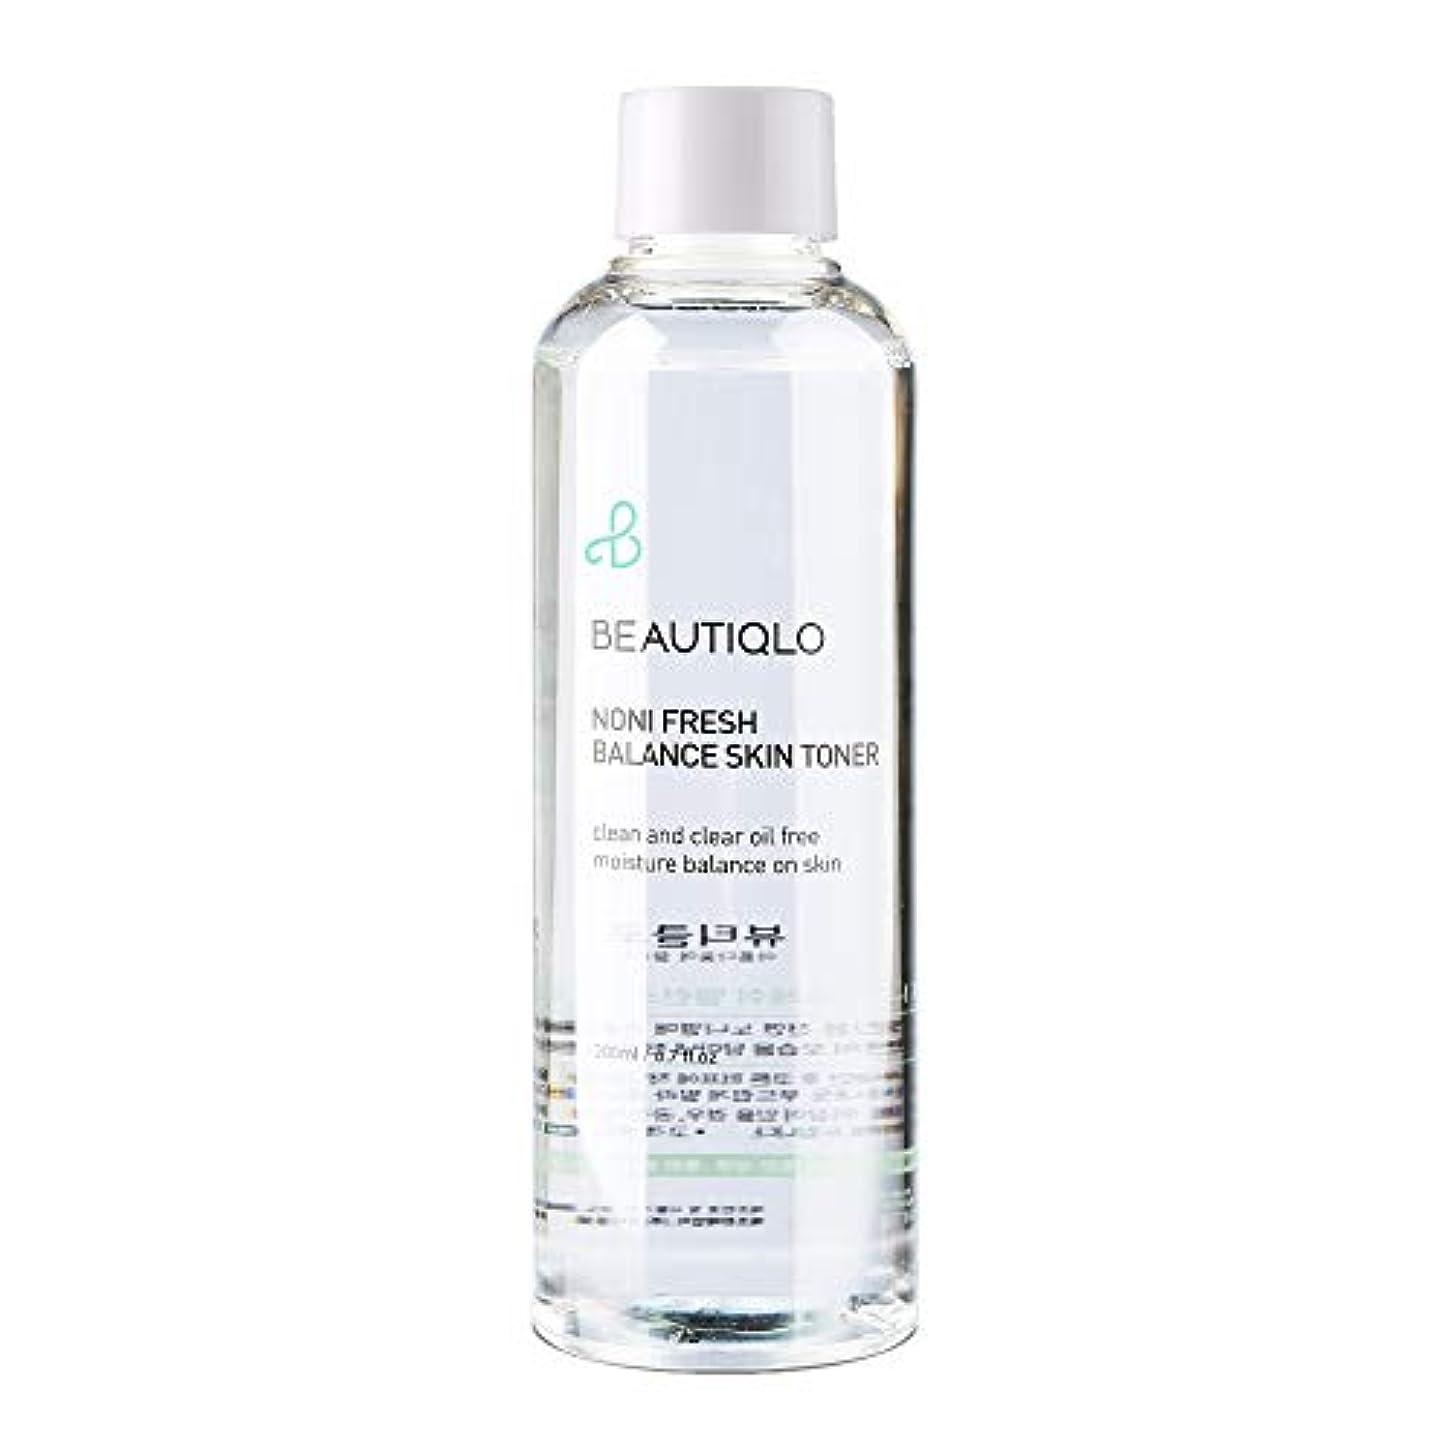 図ロビー連続的韓国化粧品 BEAUTIQLO NONI FRESH BALANCE SKIN TONER ビューティクロ ノニフレッシュバランススキントーナー 化粧水